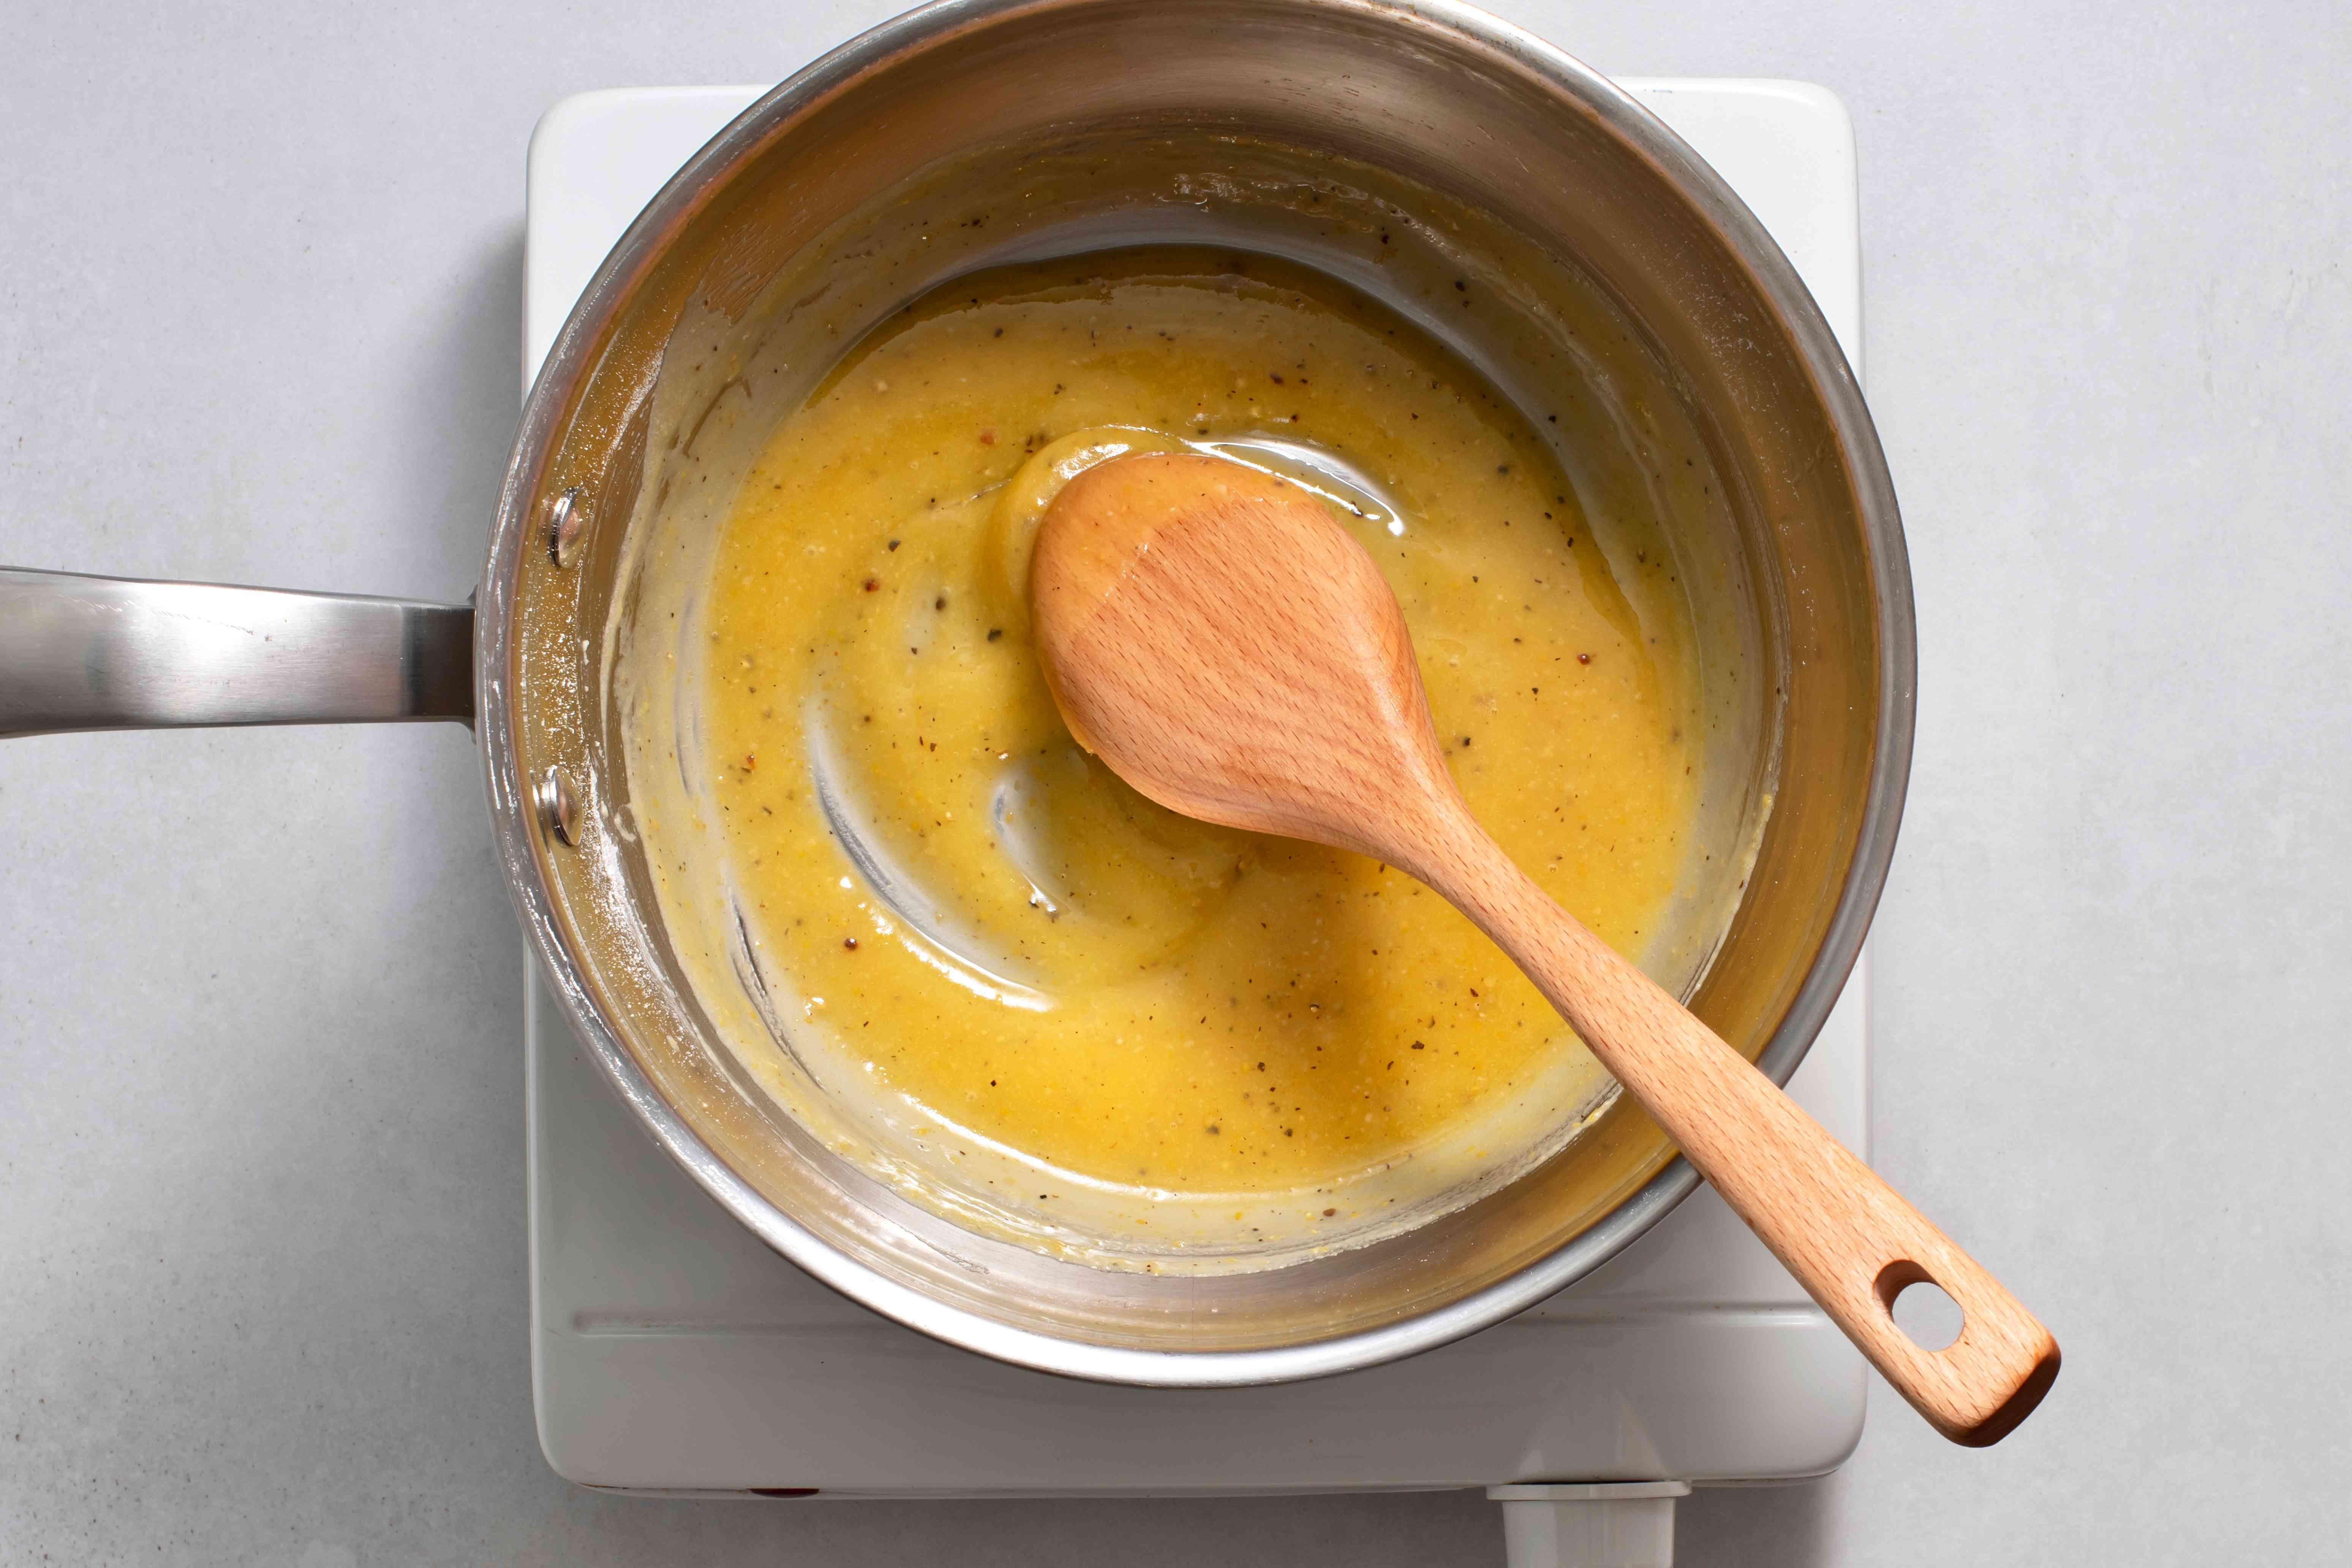 butter, mustard powder, pepper, and flour in a saucepan